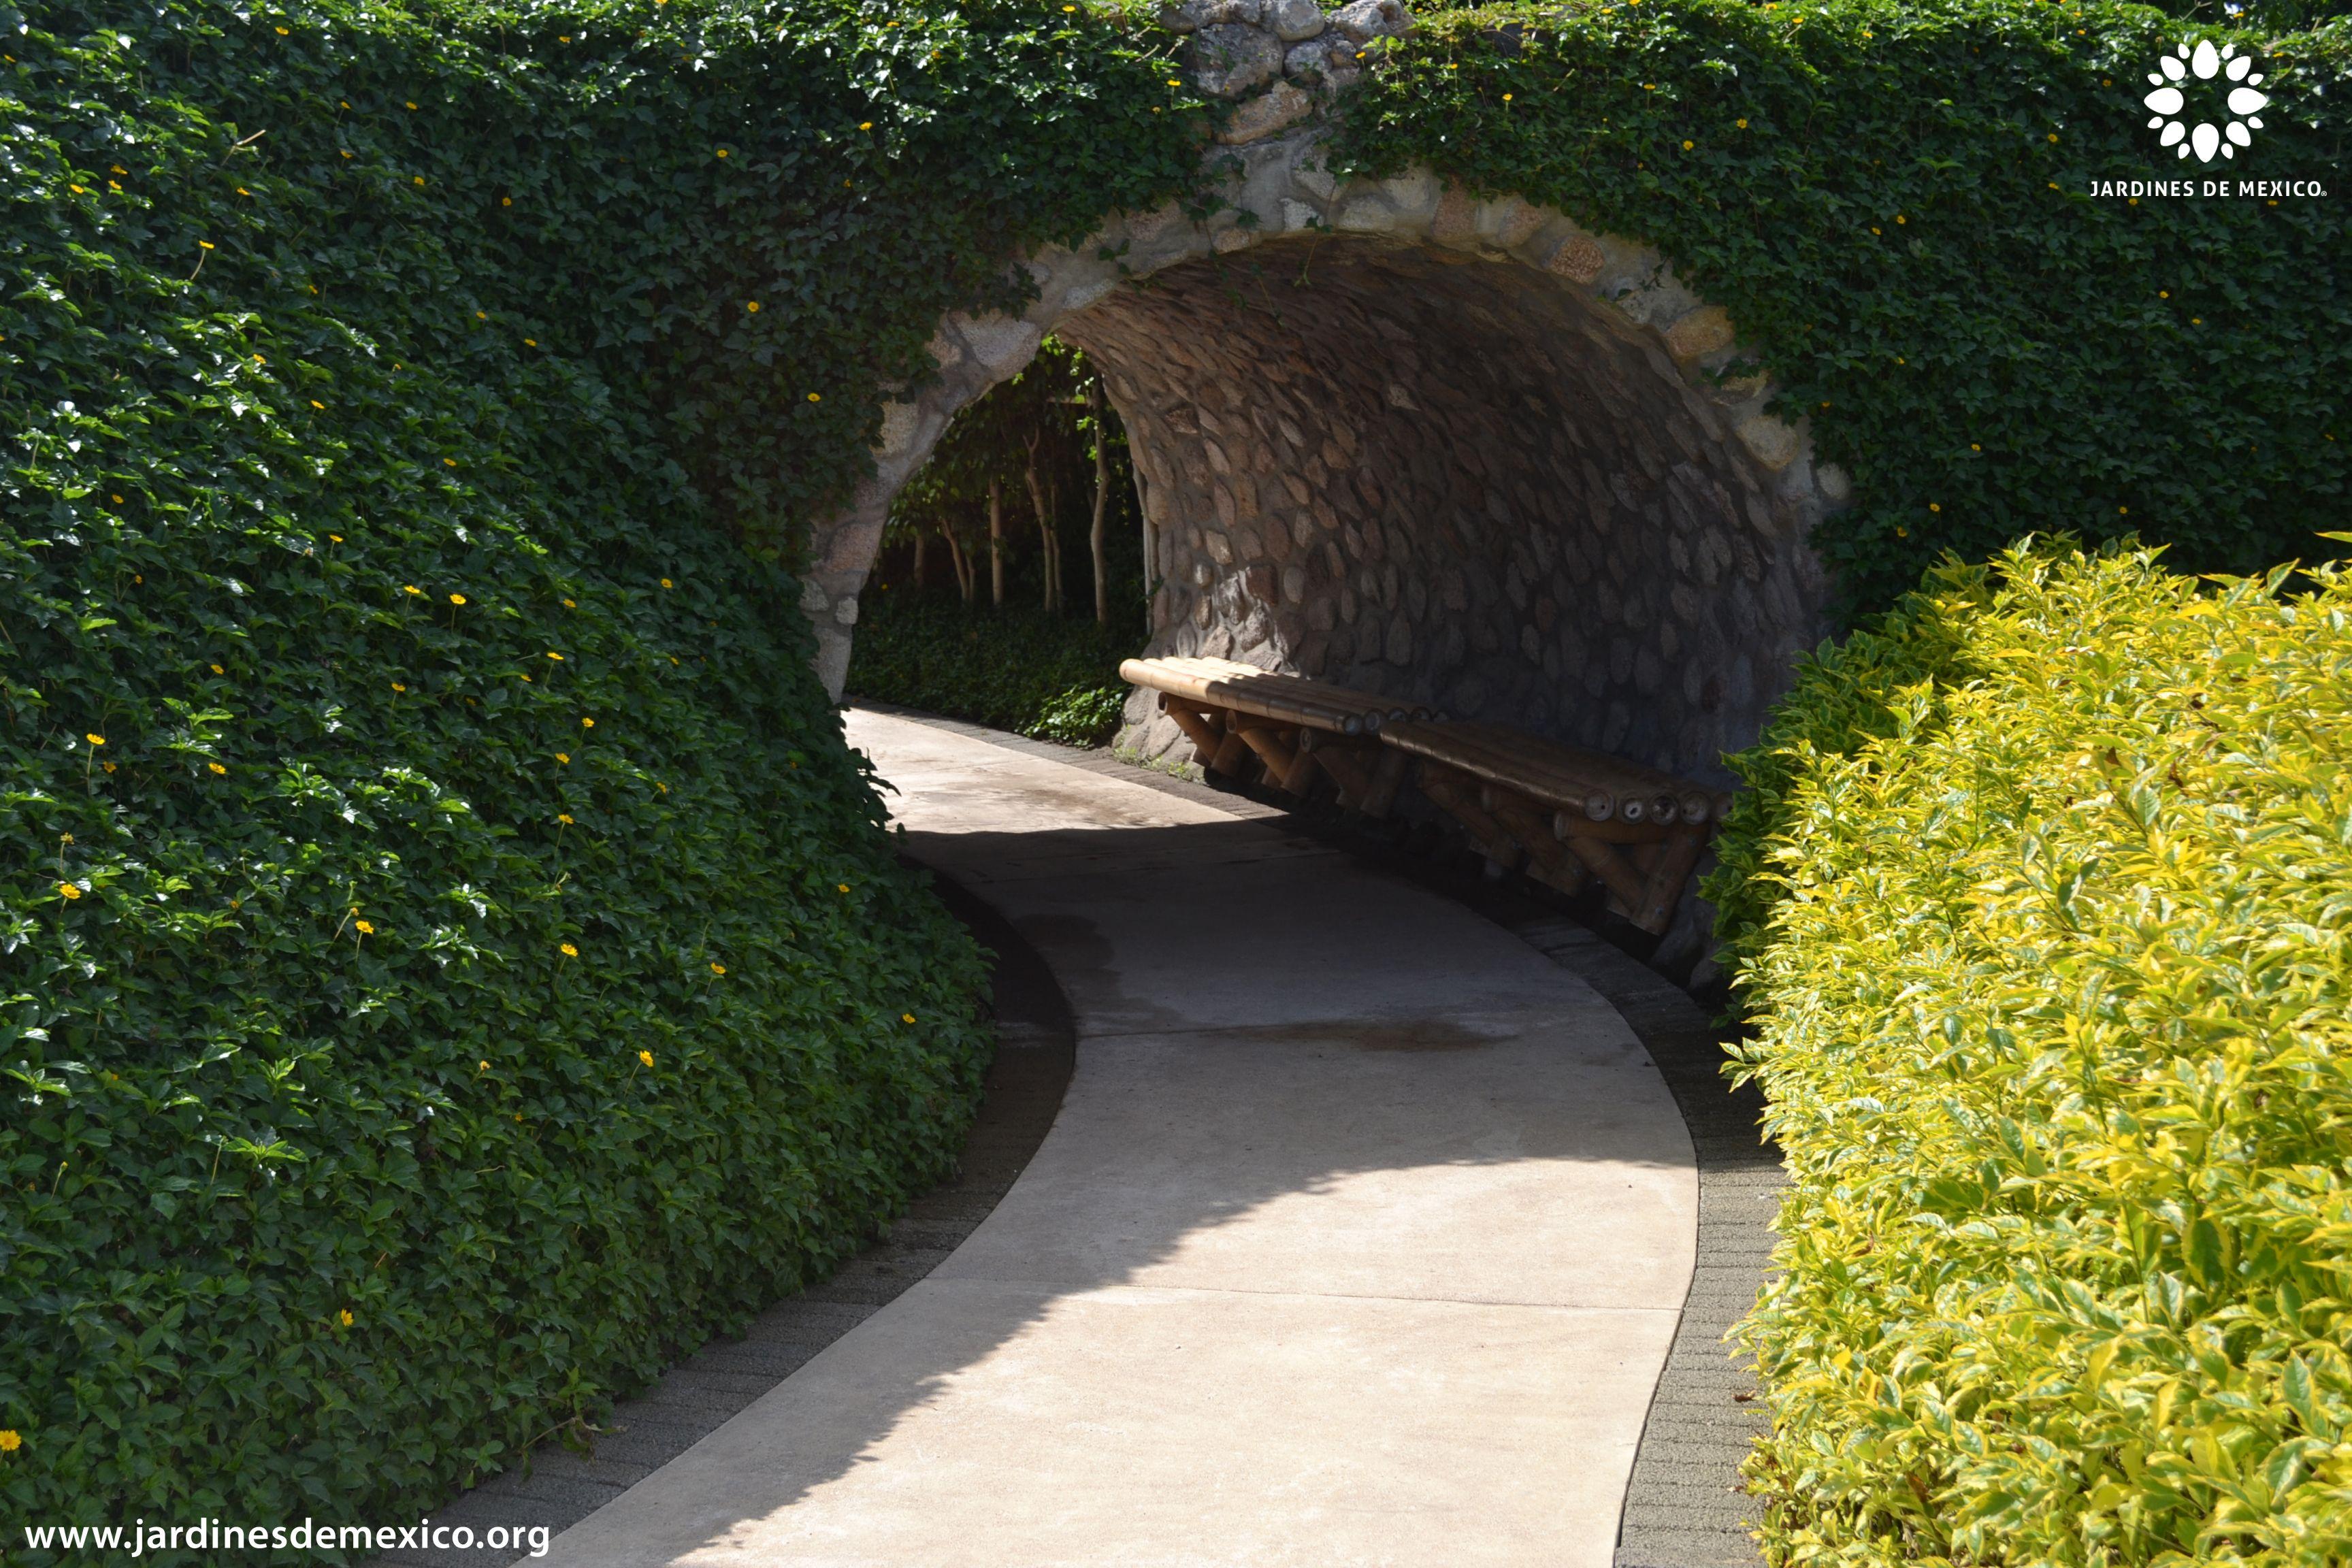 """Caminos del """"Laberinto de los Sentidos"""" en Jardines de México.  Morelos, México. #paisajismo #landscaping  #Turismo #Tourism #Naturaleza #Nature #JardinesDeMéxico.  http://jardinesdemexico.org"""